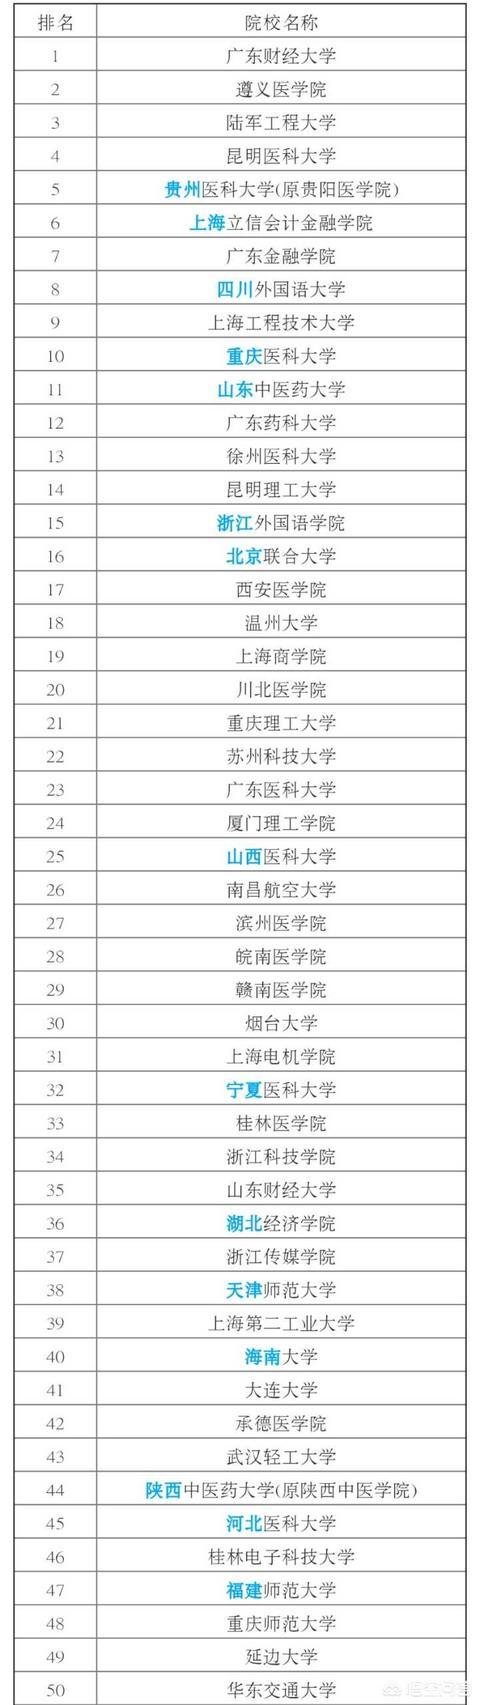 二本比较好的大学,中国好的二本学校有哪些?